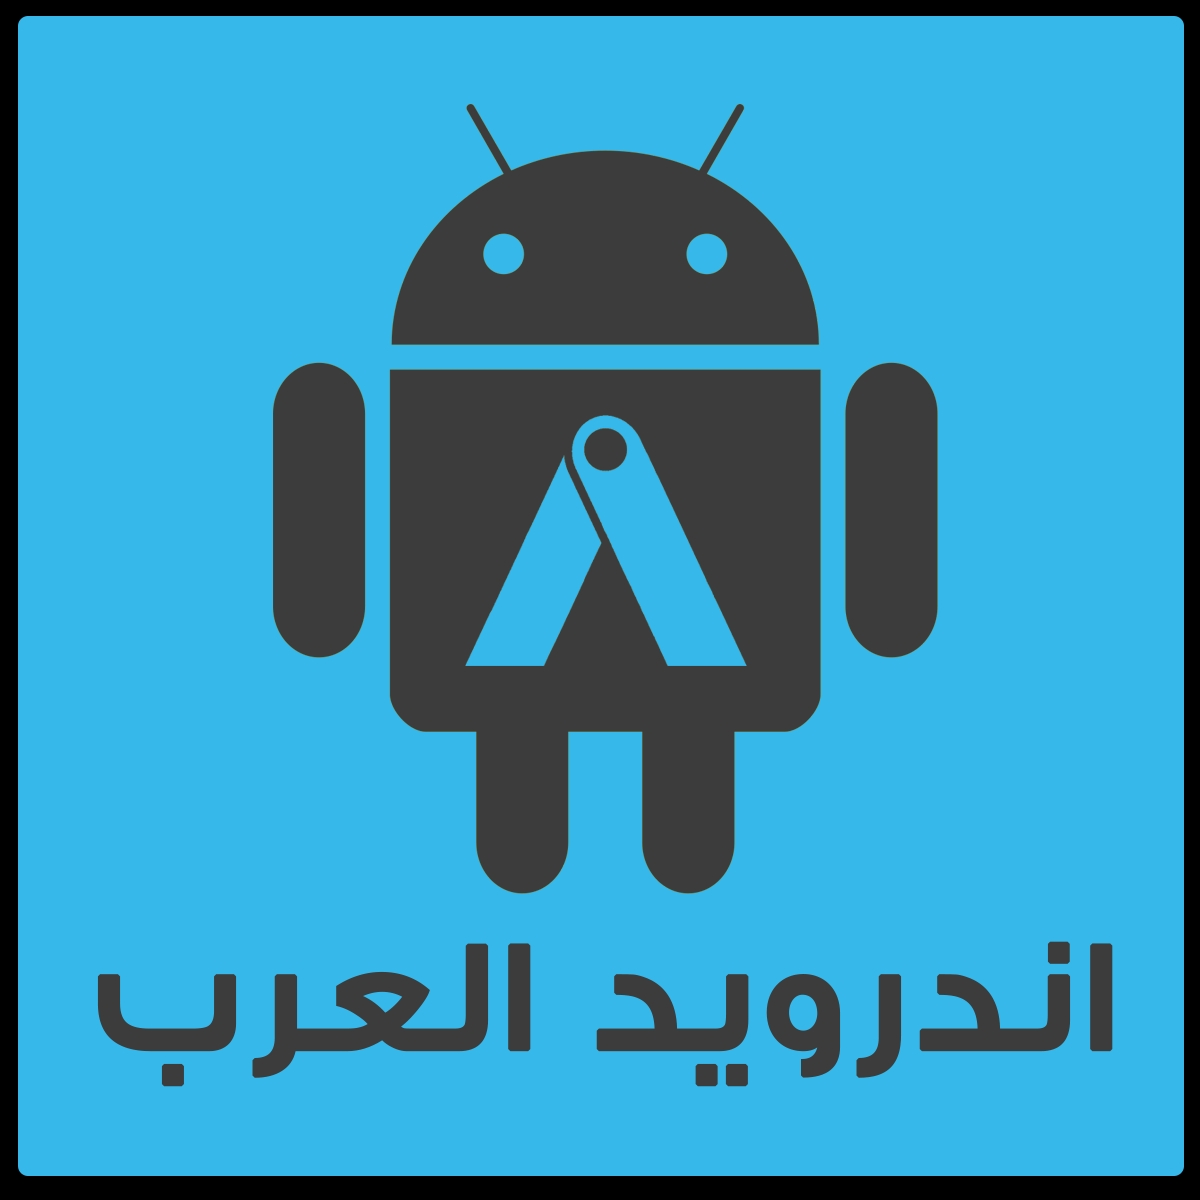 اندرويد العرب